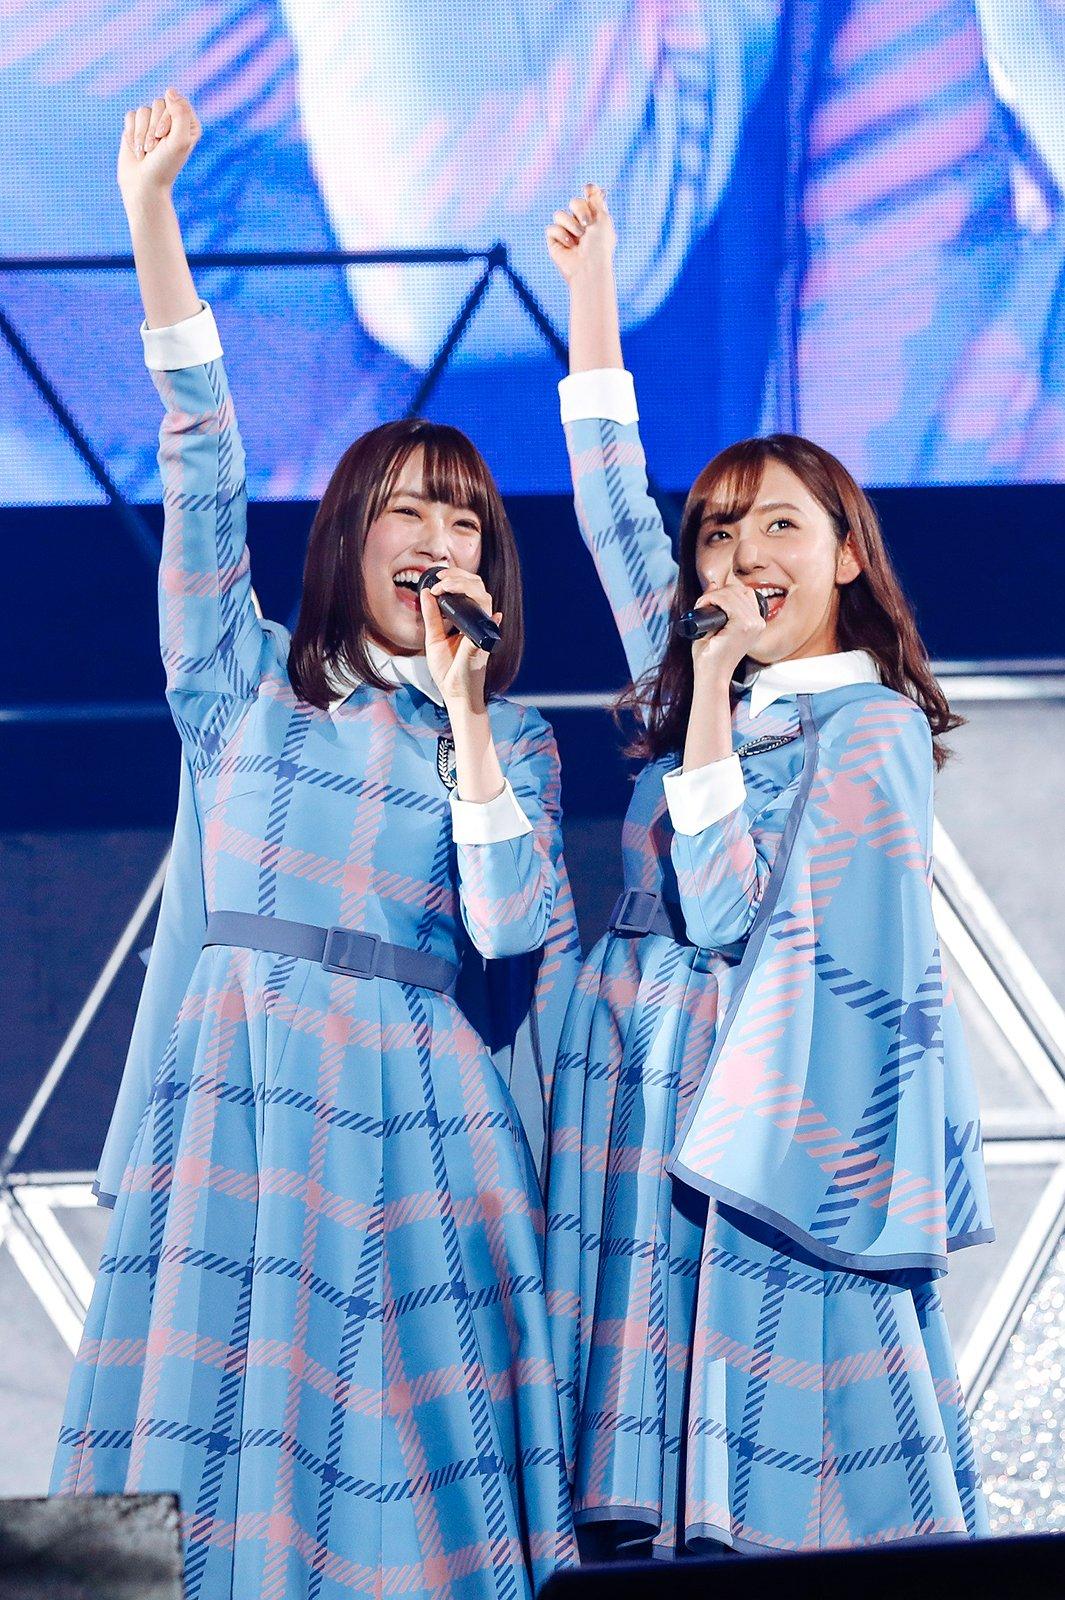 ALL LIVE NIPPON 2019 新内眞衣 けやき坂46 初コラボ「誰よりも高く跳べ!」